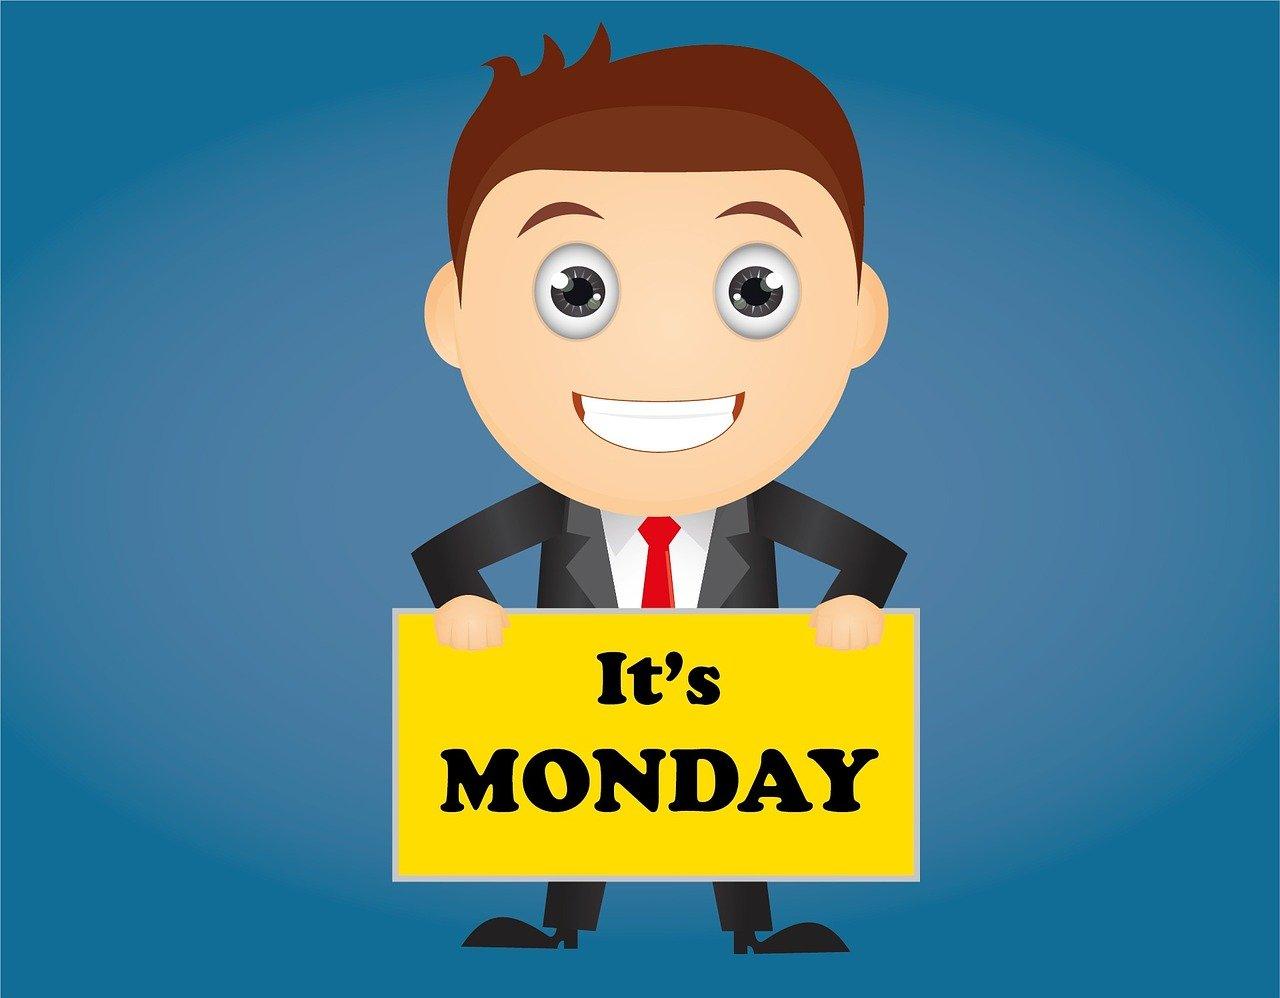 Monday thought wish